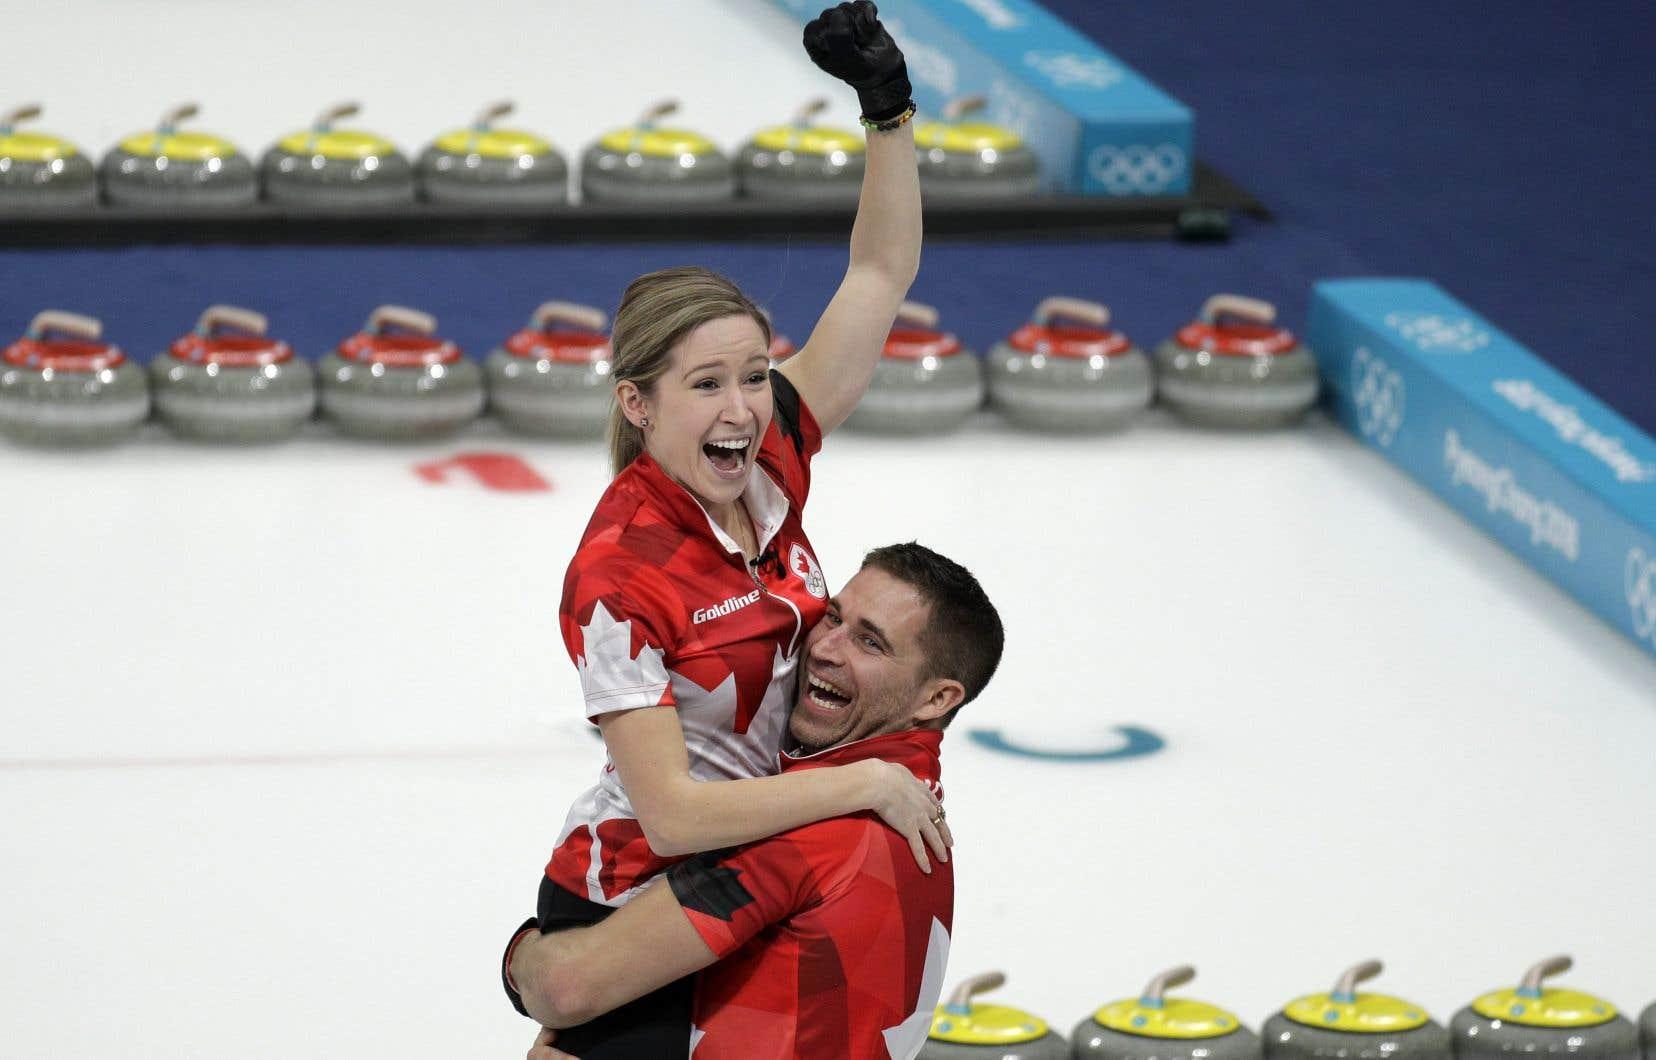 Les Canadiens John Morris et Kaitlyn Lawes, après leur victoire en finale de l'épreuve de curling mixte